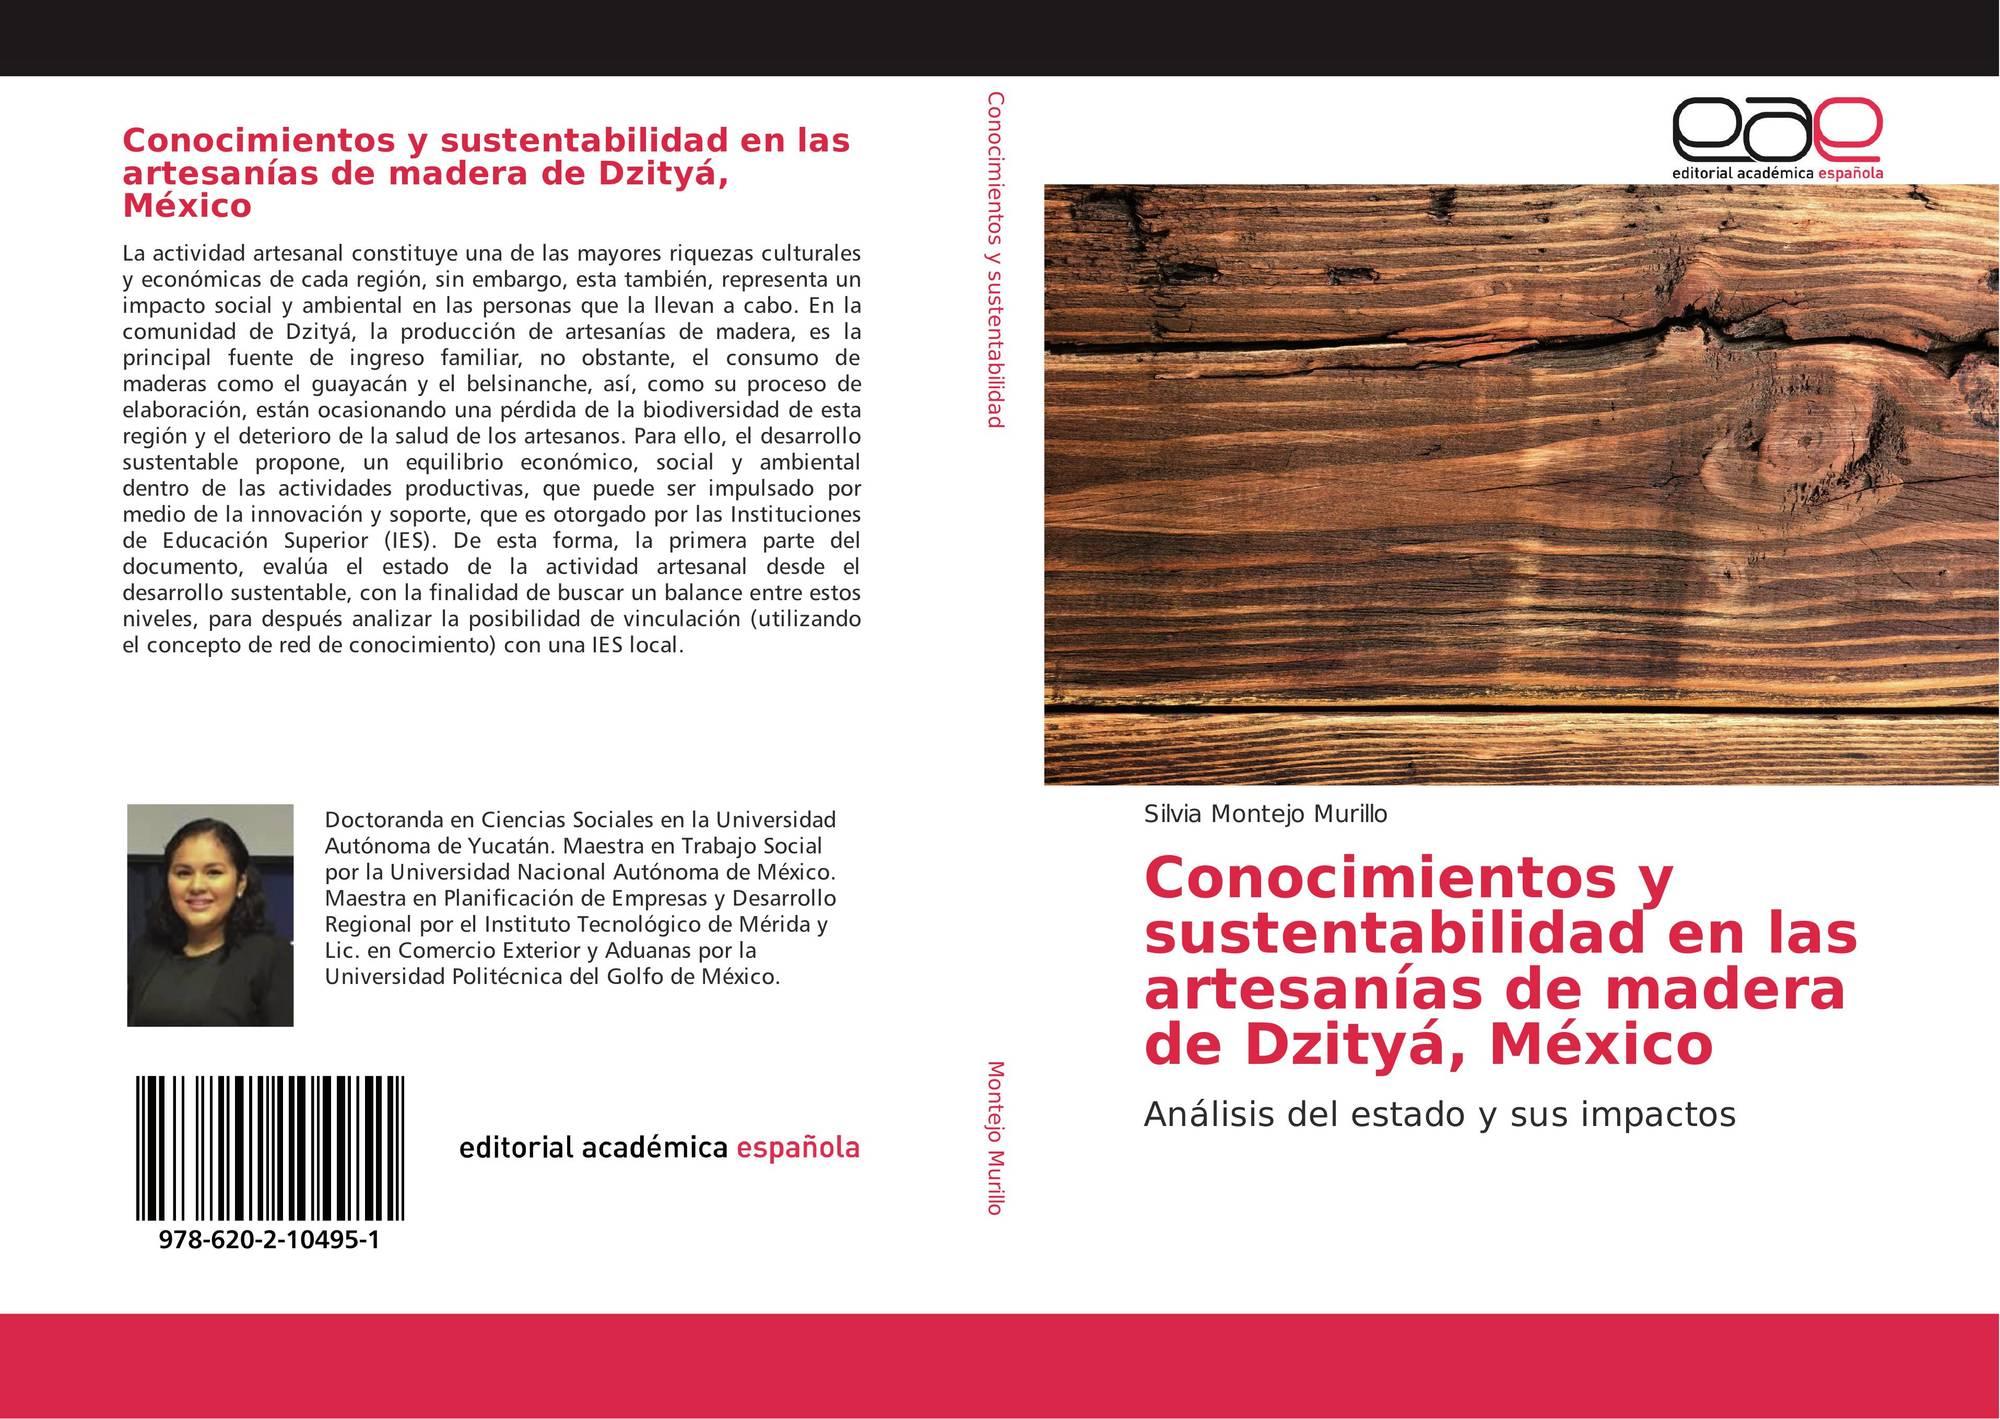 Conocimientos Y Sustentabilidad En Las Artesanías De Madera De